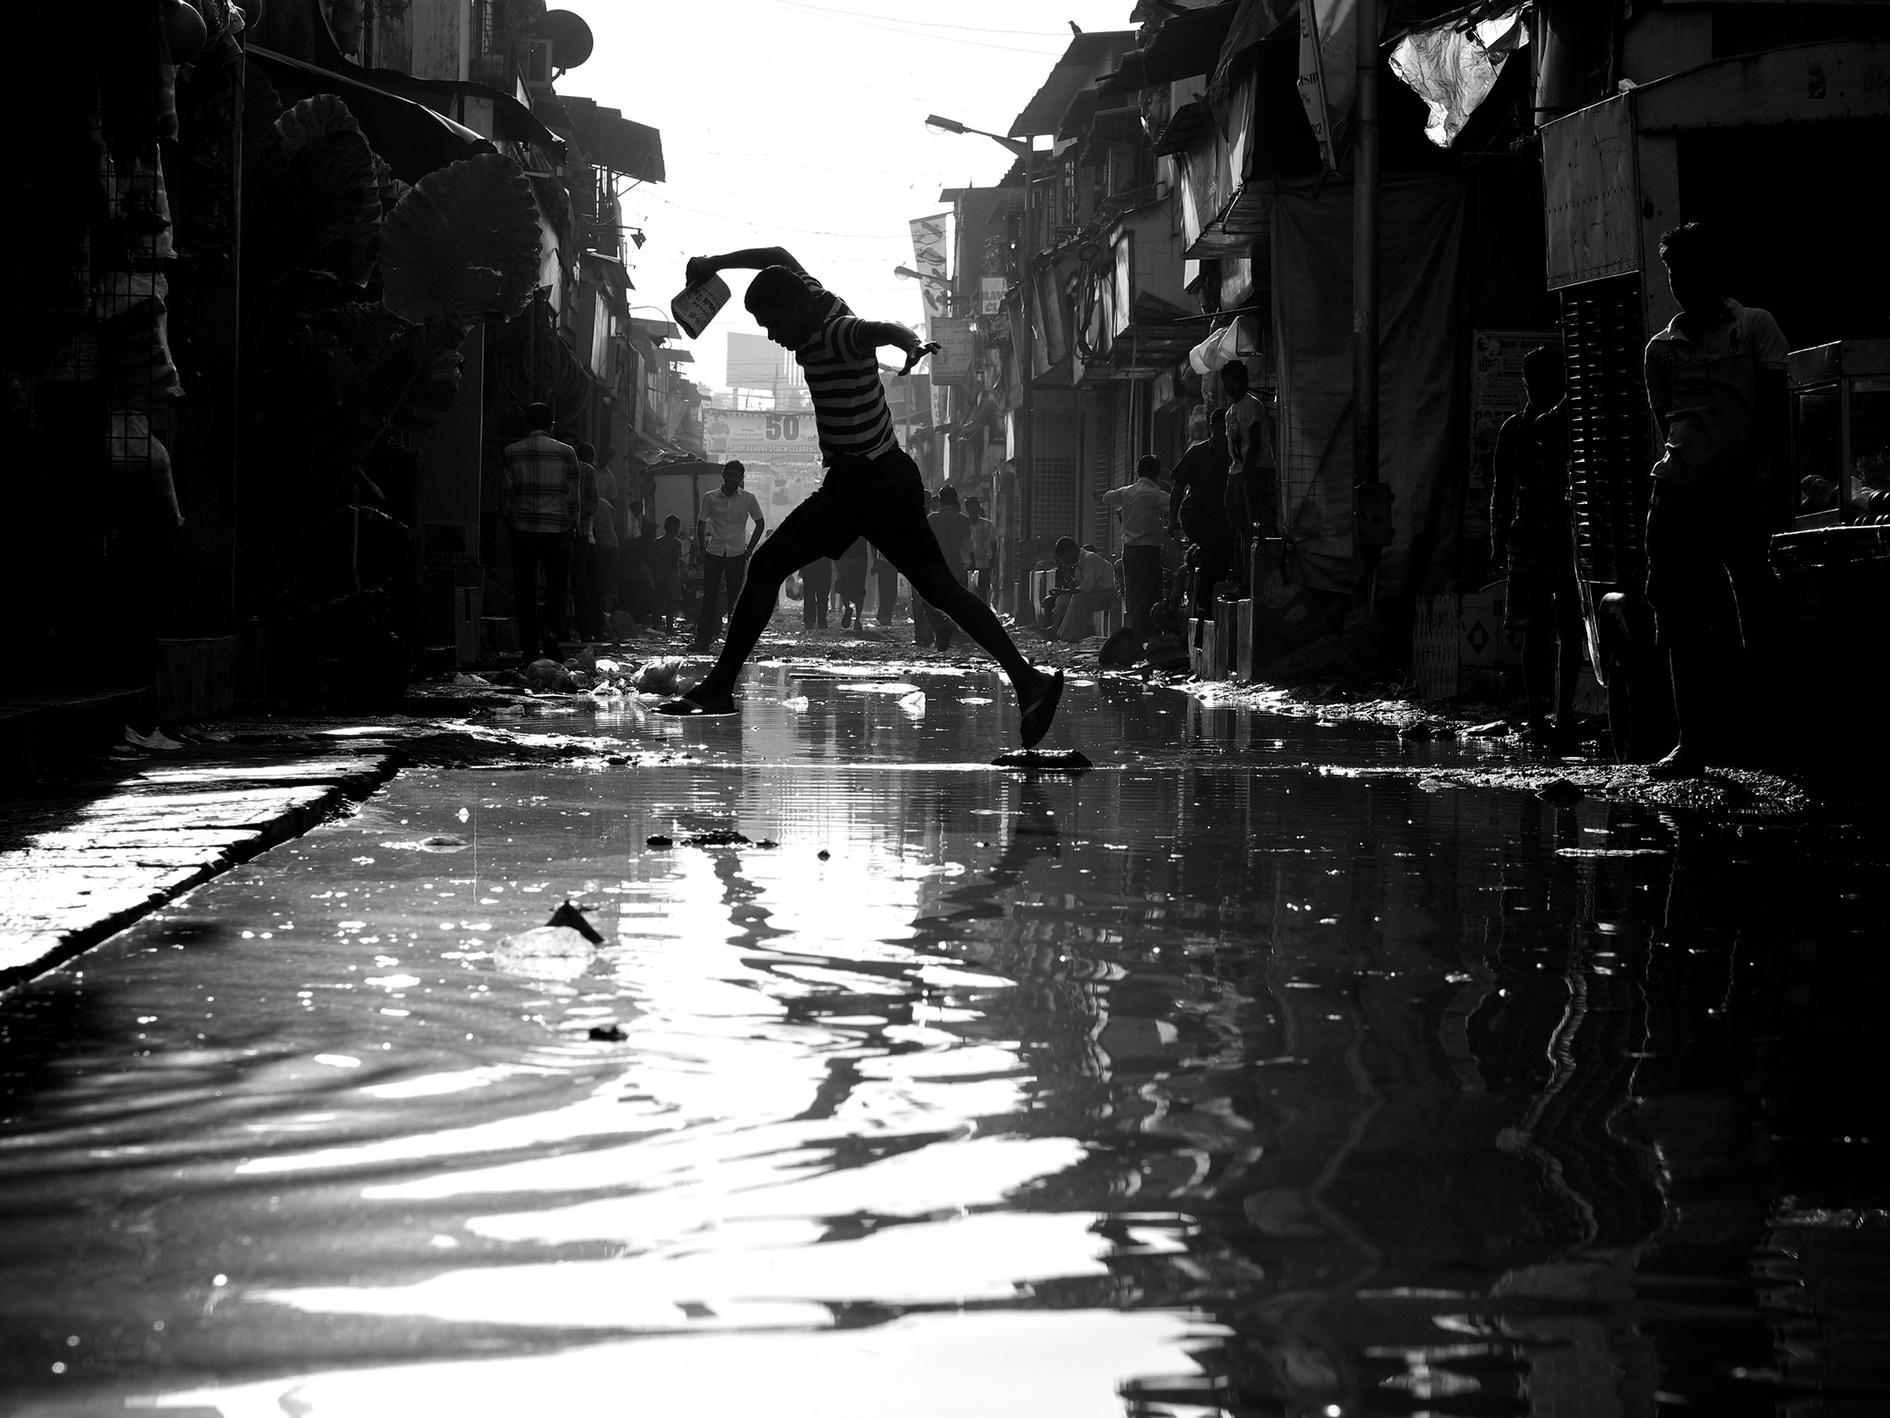 Dharavi slum.